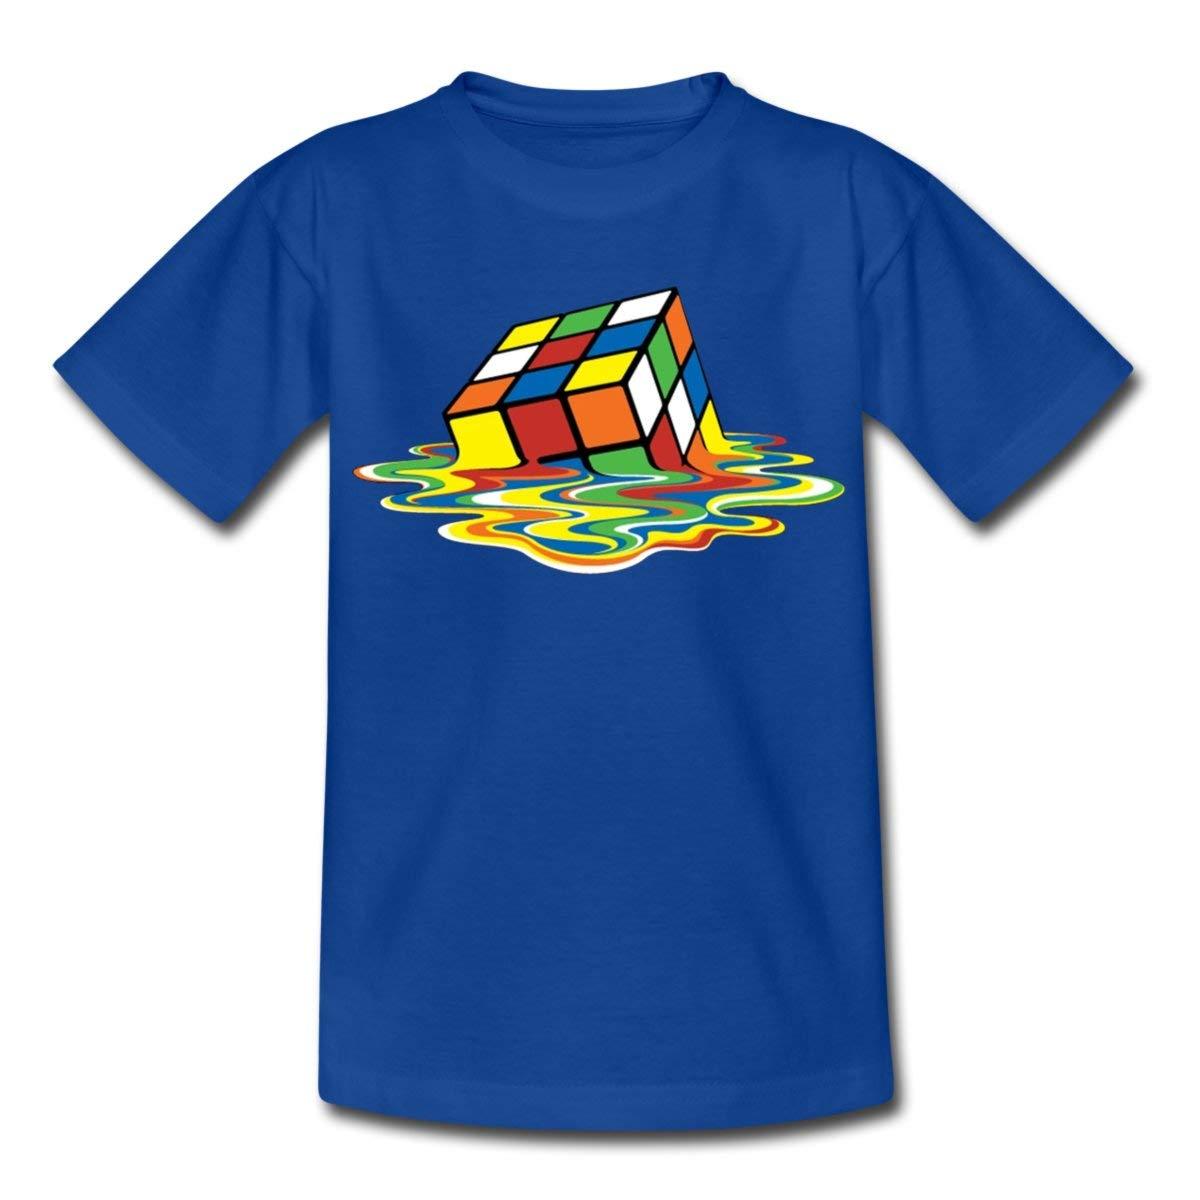 63123c30b395e Spreadshirt Rubik s Cube en Train De Fondre T-Shirt Ado  Amazon.fr   Vêtements et accessoires